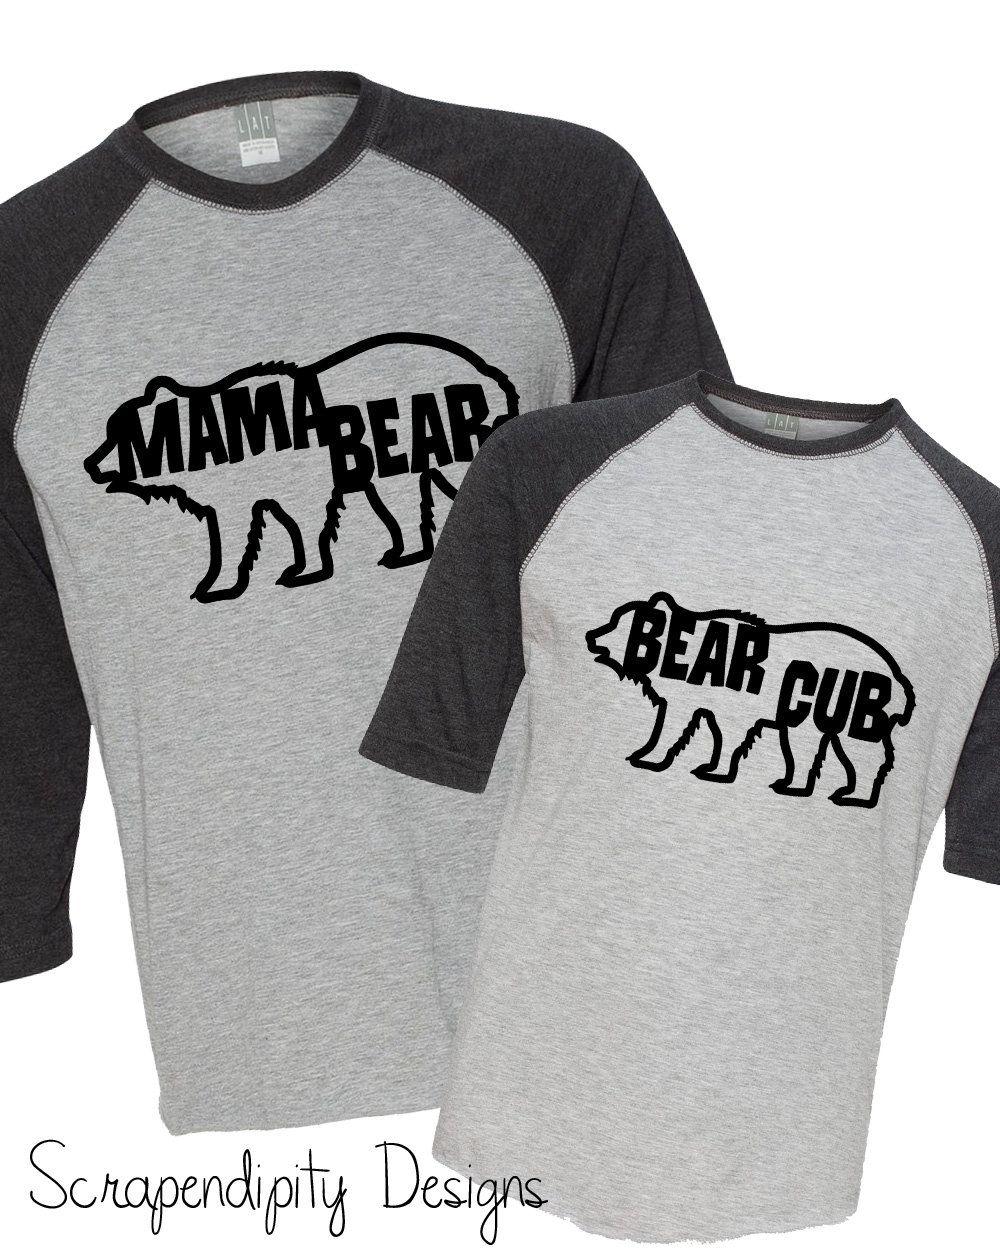 737fc1d9 Mama Bear Shirt, Bear Cub Shirt, Mother's Day Shirt, Mom Daughter Shirts,  Mom Son Shirts, Matching Family Tshirts, Mama Bear Tshirt, Camping